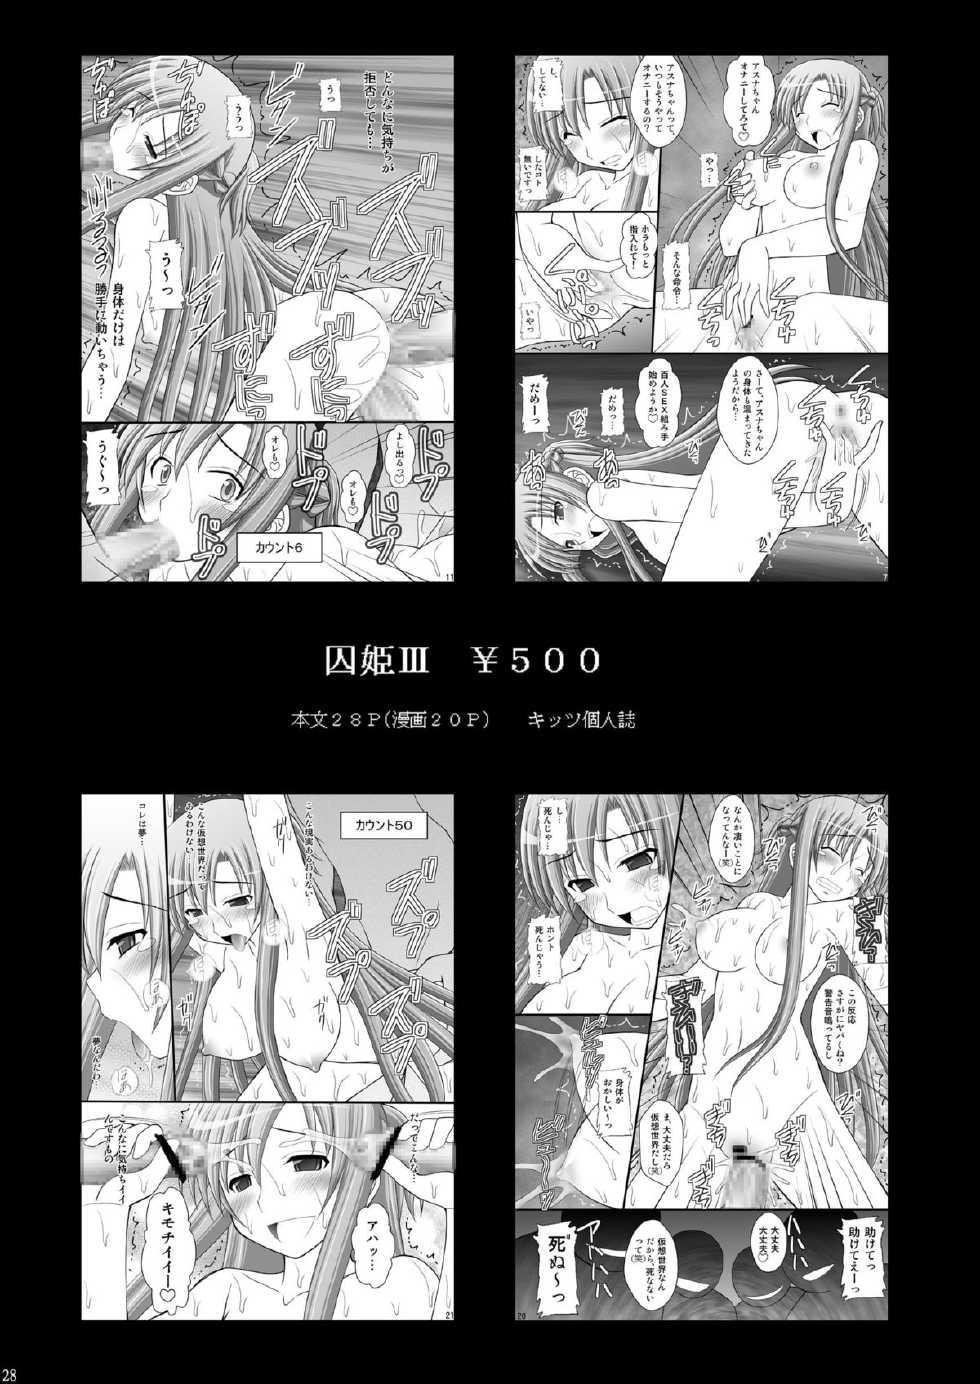 Seishinhoukai Surumade Kusugurimakutte Ryoujoku Shitemiru Test VI & VIII 28